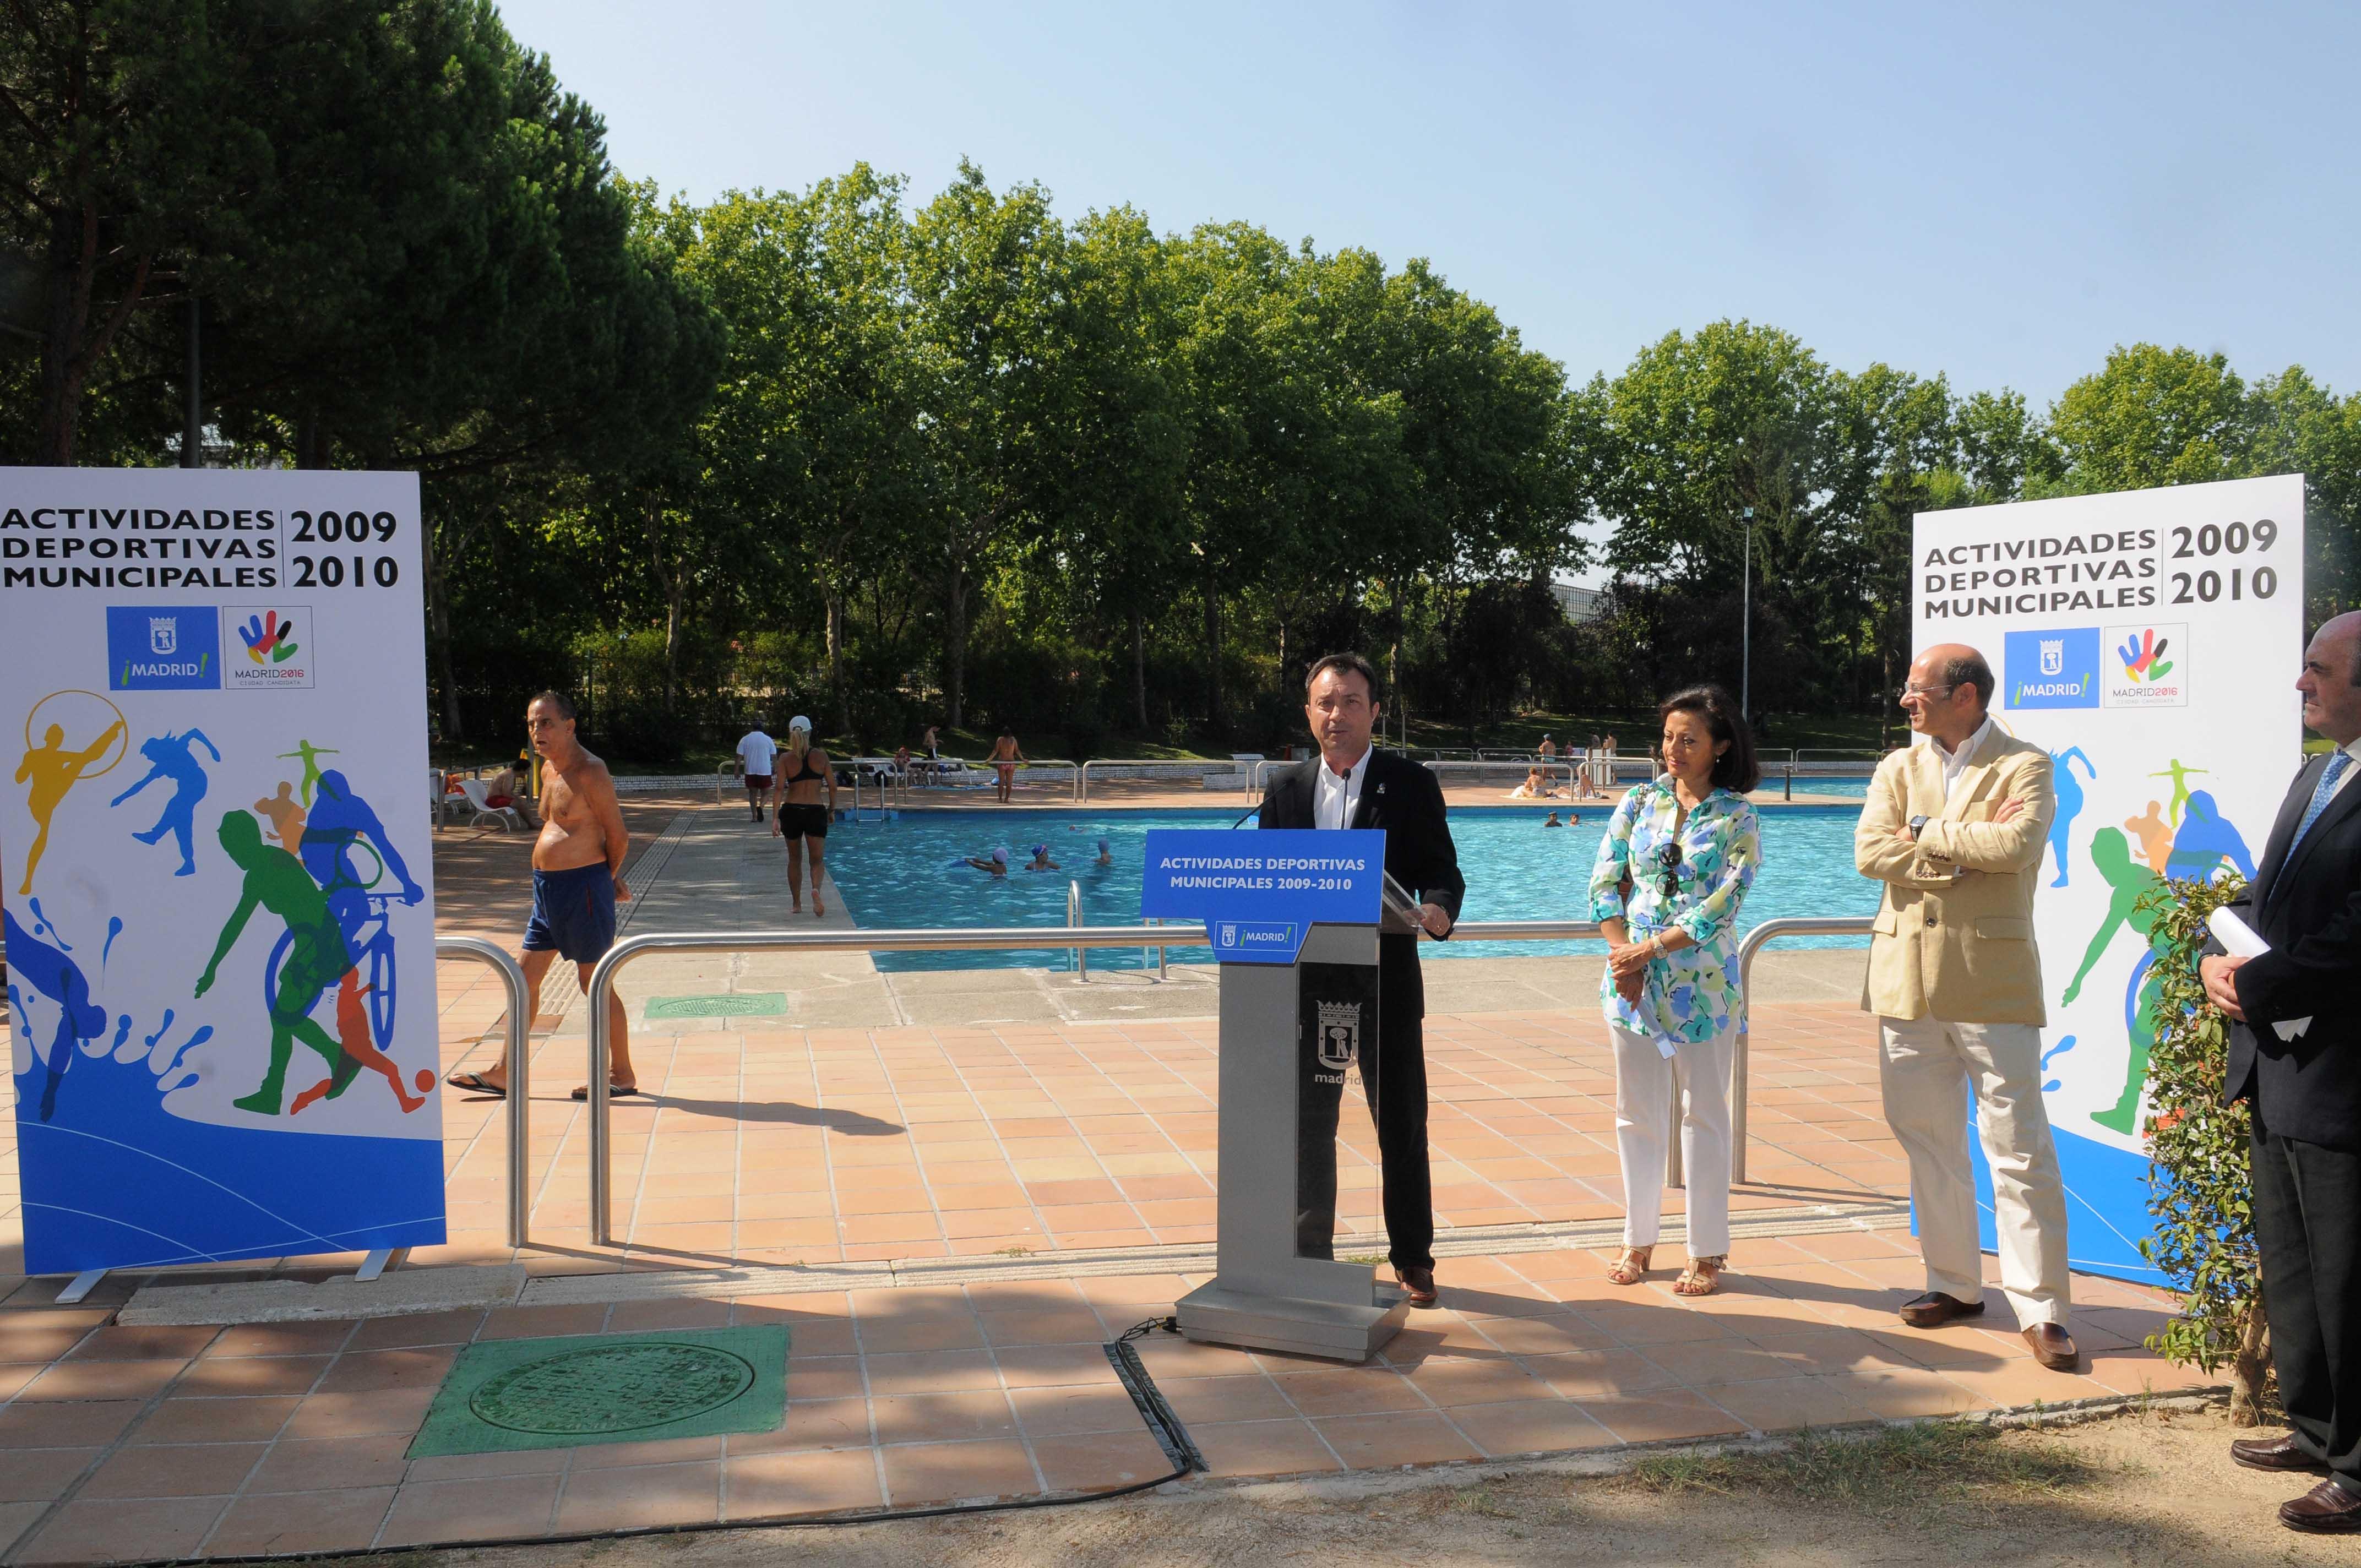 Las piscinas municipales de verano cerrar n el 6 de for Piscinas cubiertas municipales madrid